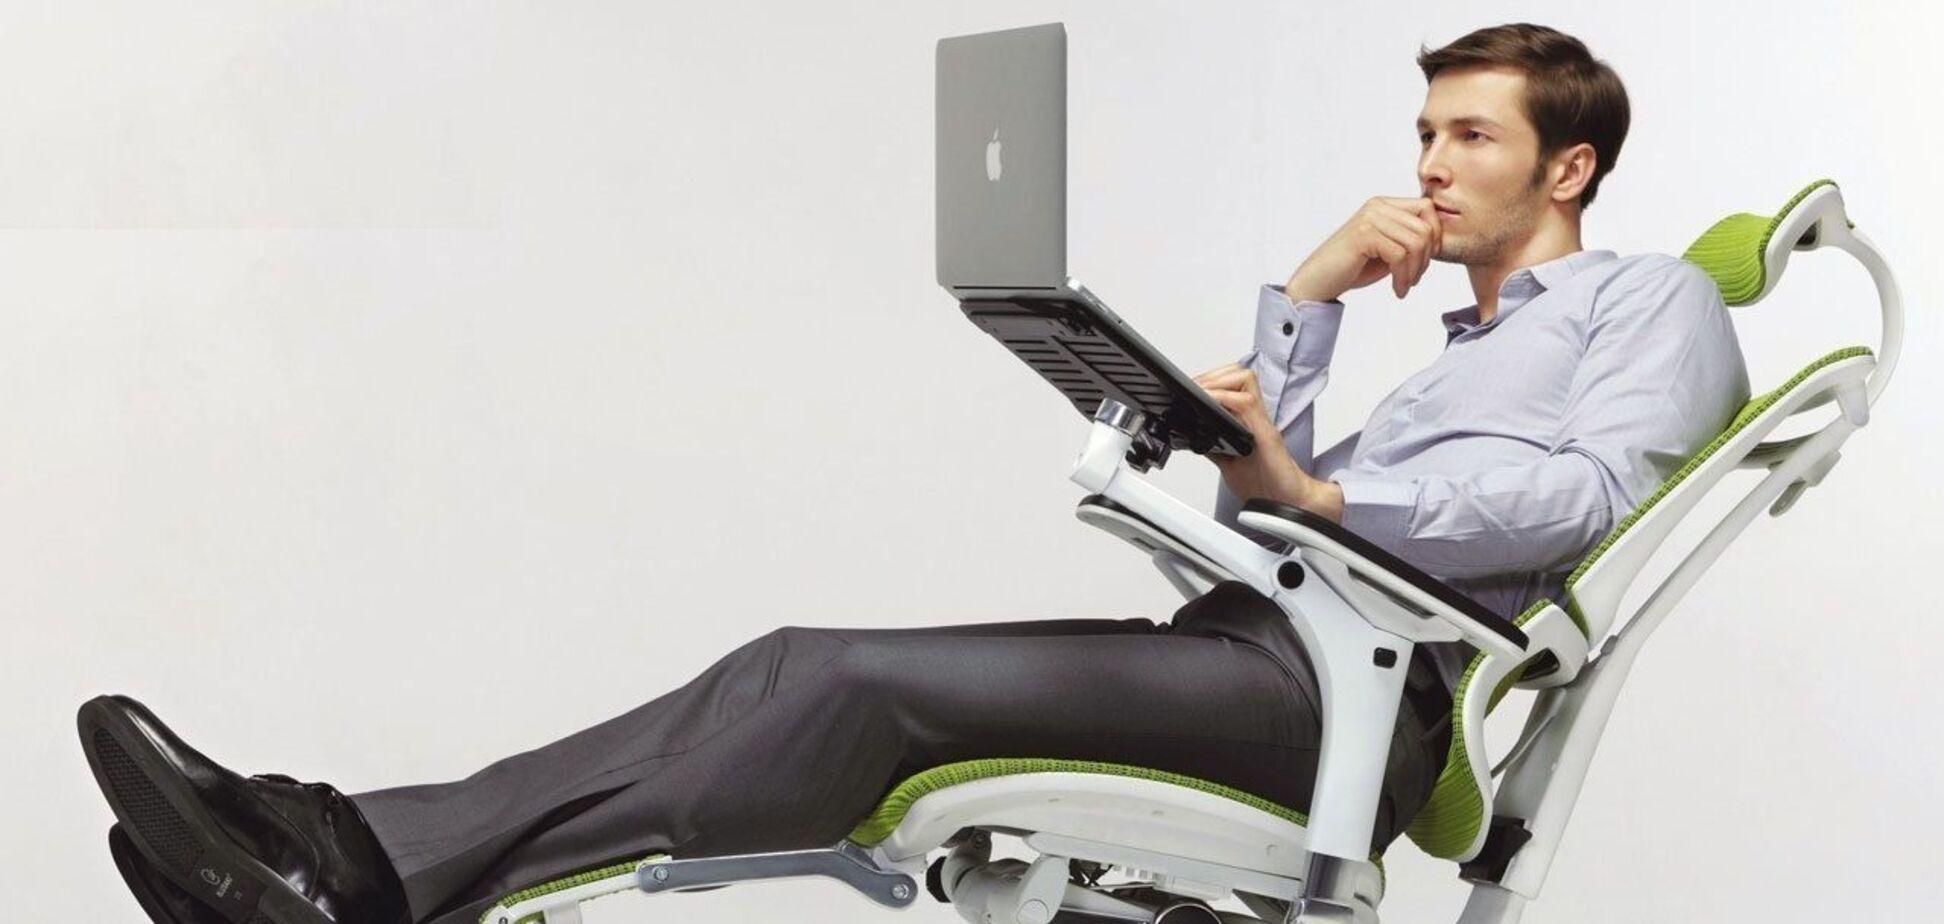 Как выбрать ортопедическое кресло для дома и не ограничивать себя в комфорте